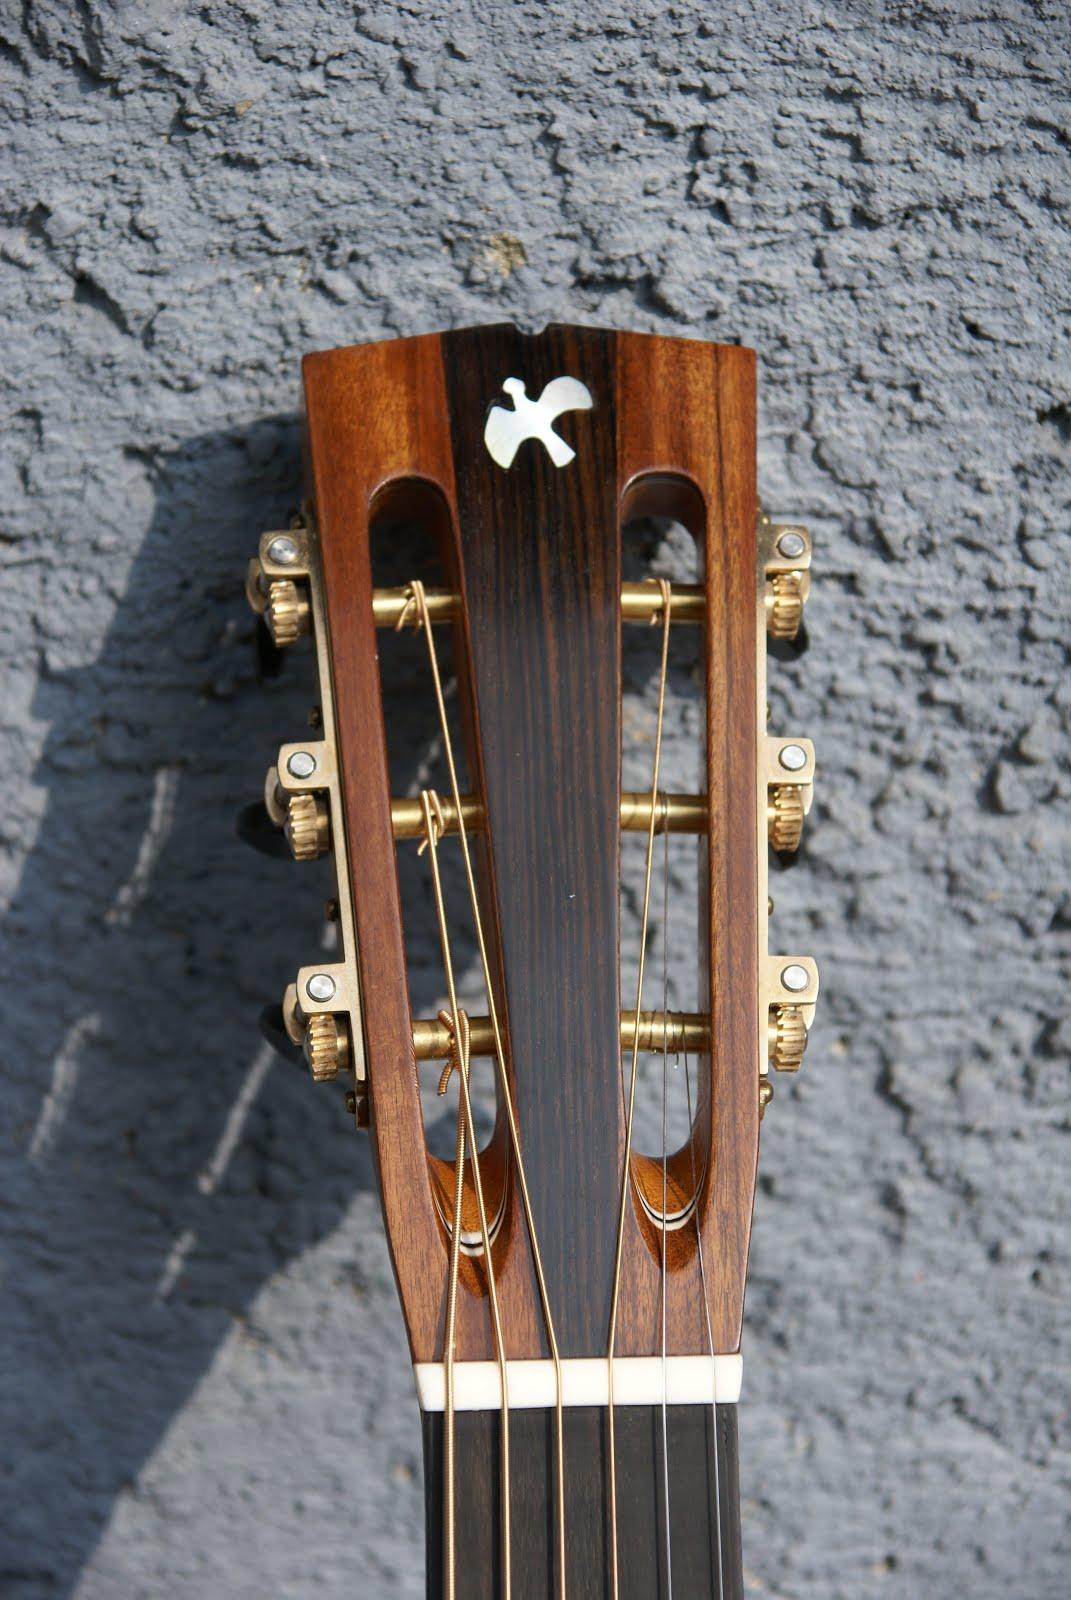 006 Janis Joplin